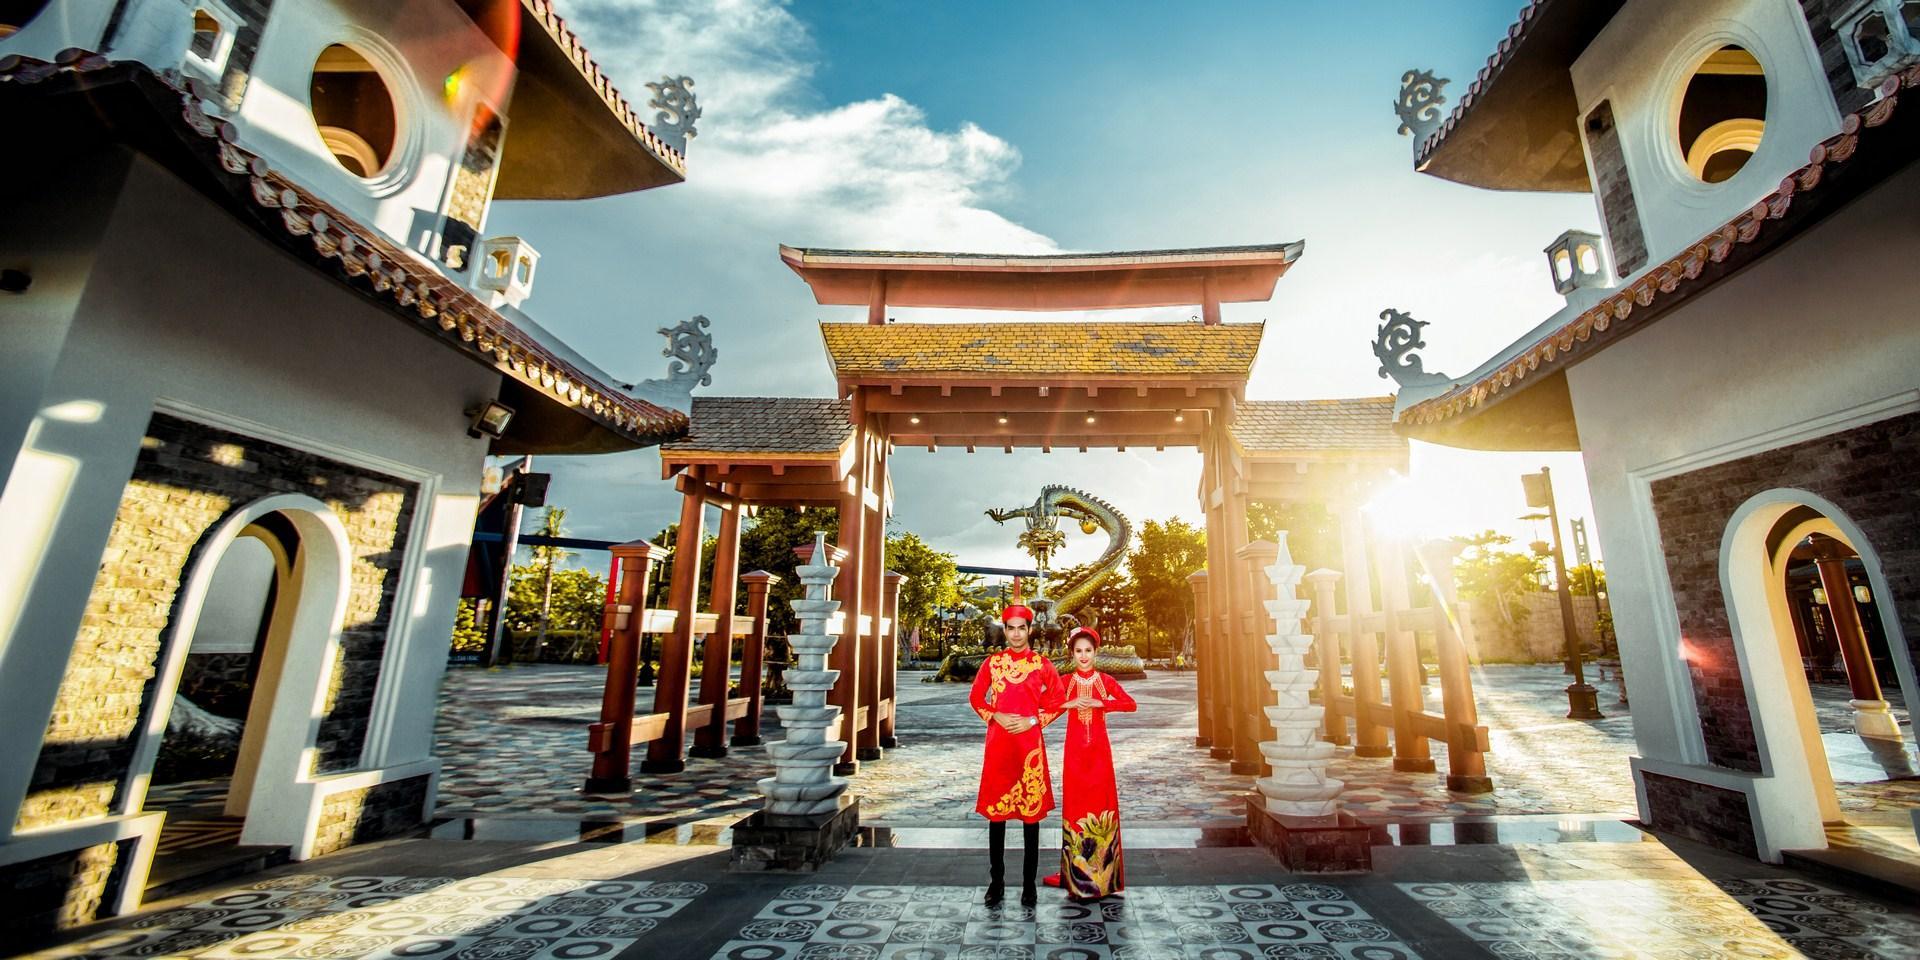 Không chỉ các bạn trẻ check in mà các cặp đôi cũng chọn Asia Park là nơi chụp ảnh cưới